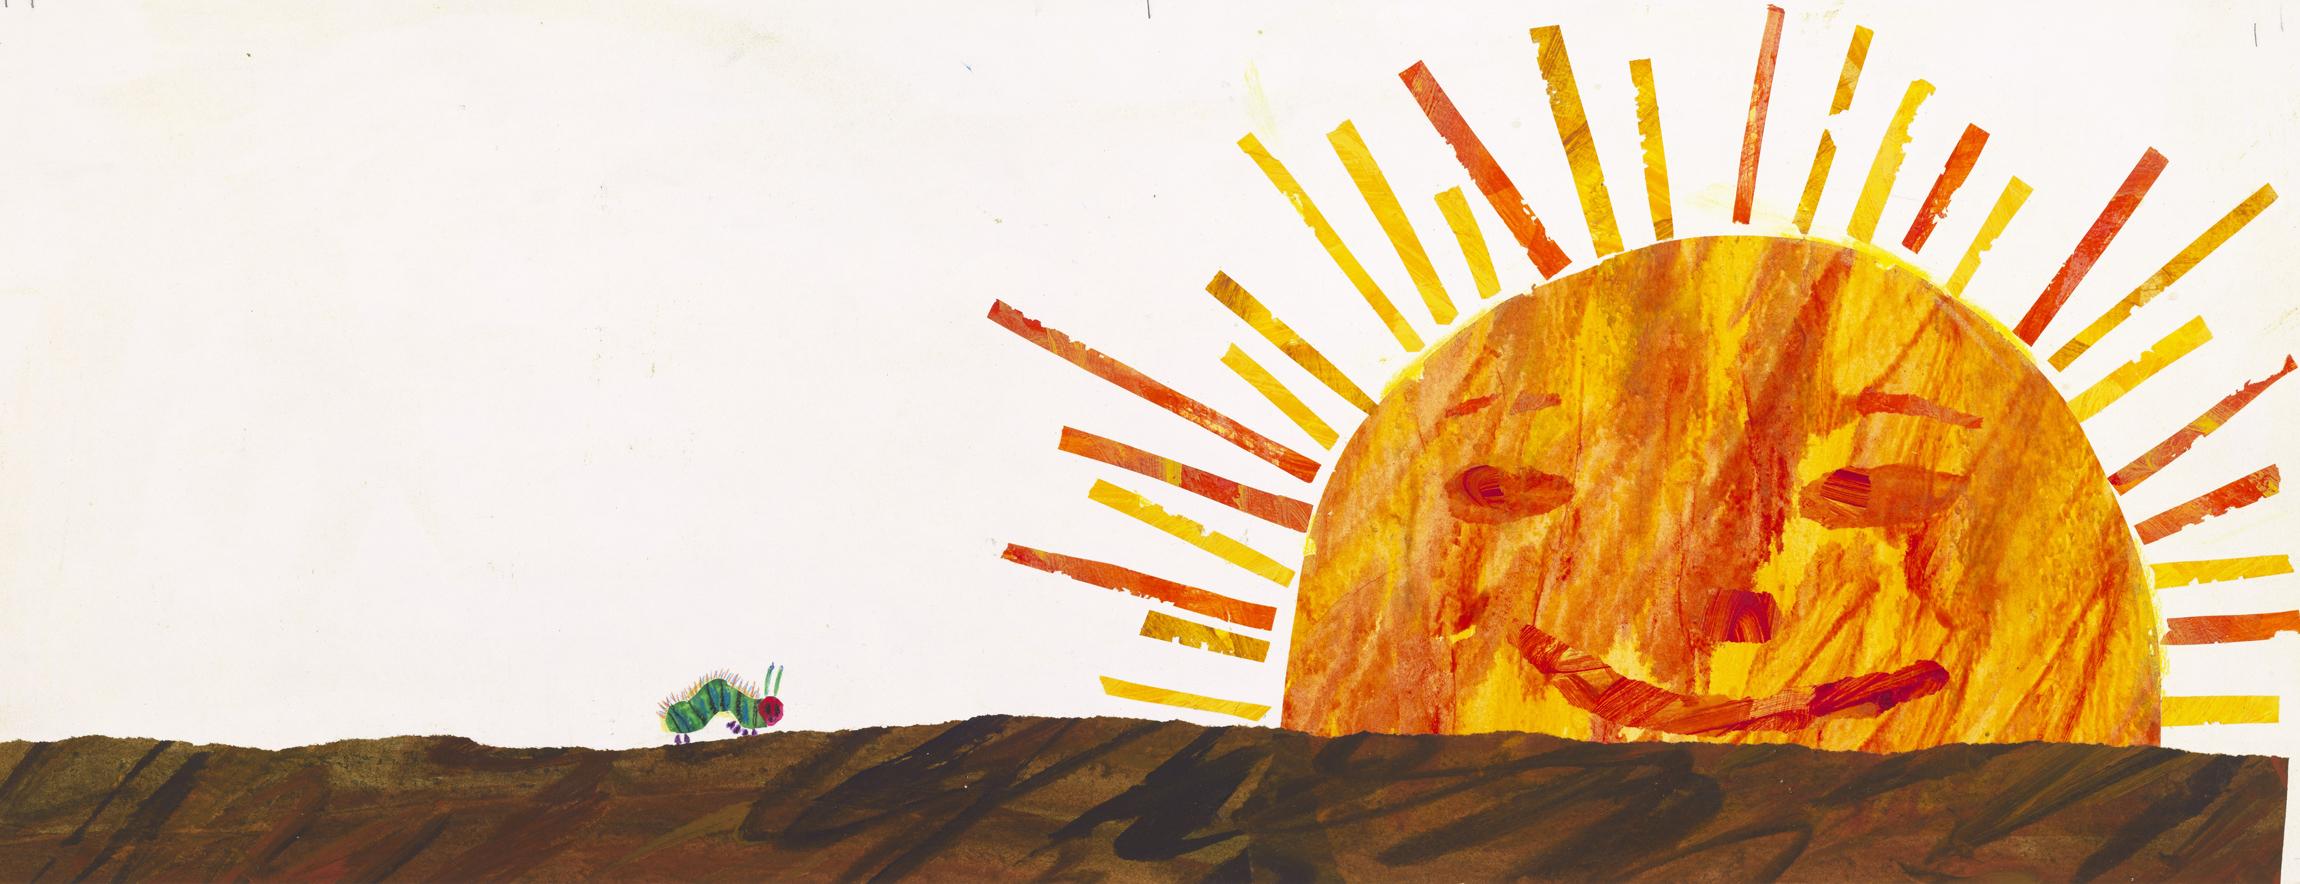 エリック・カール、『はらぺこあおむし』別図原画(未出版)、1989年、エリック・カール絵本美術館 ©1969 and 1987 Eric Carle